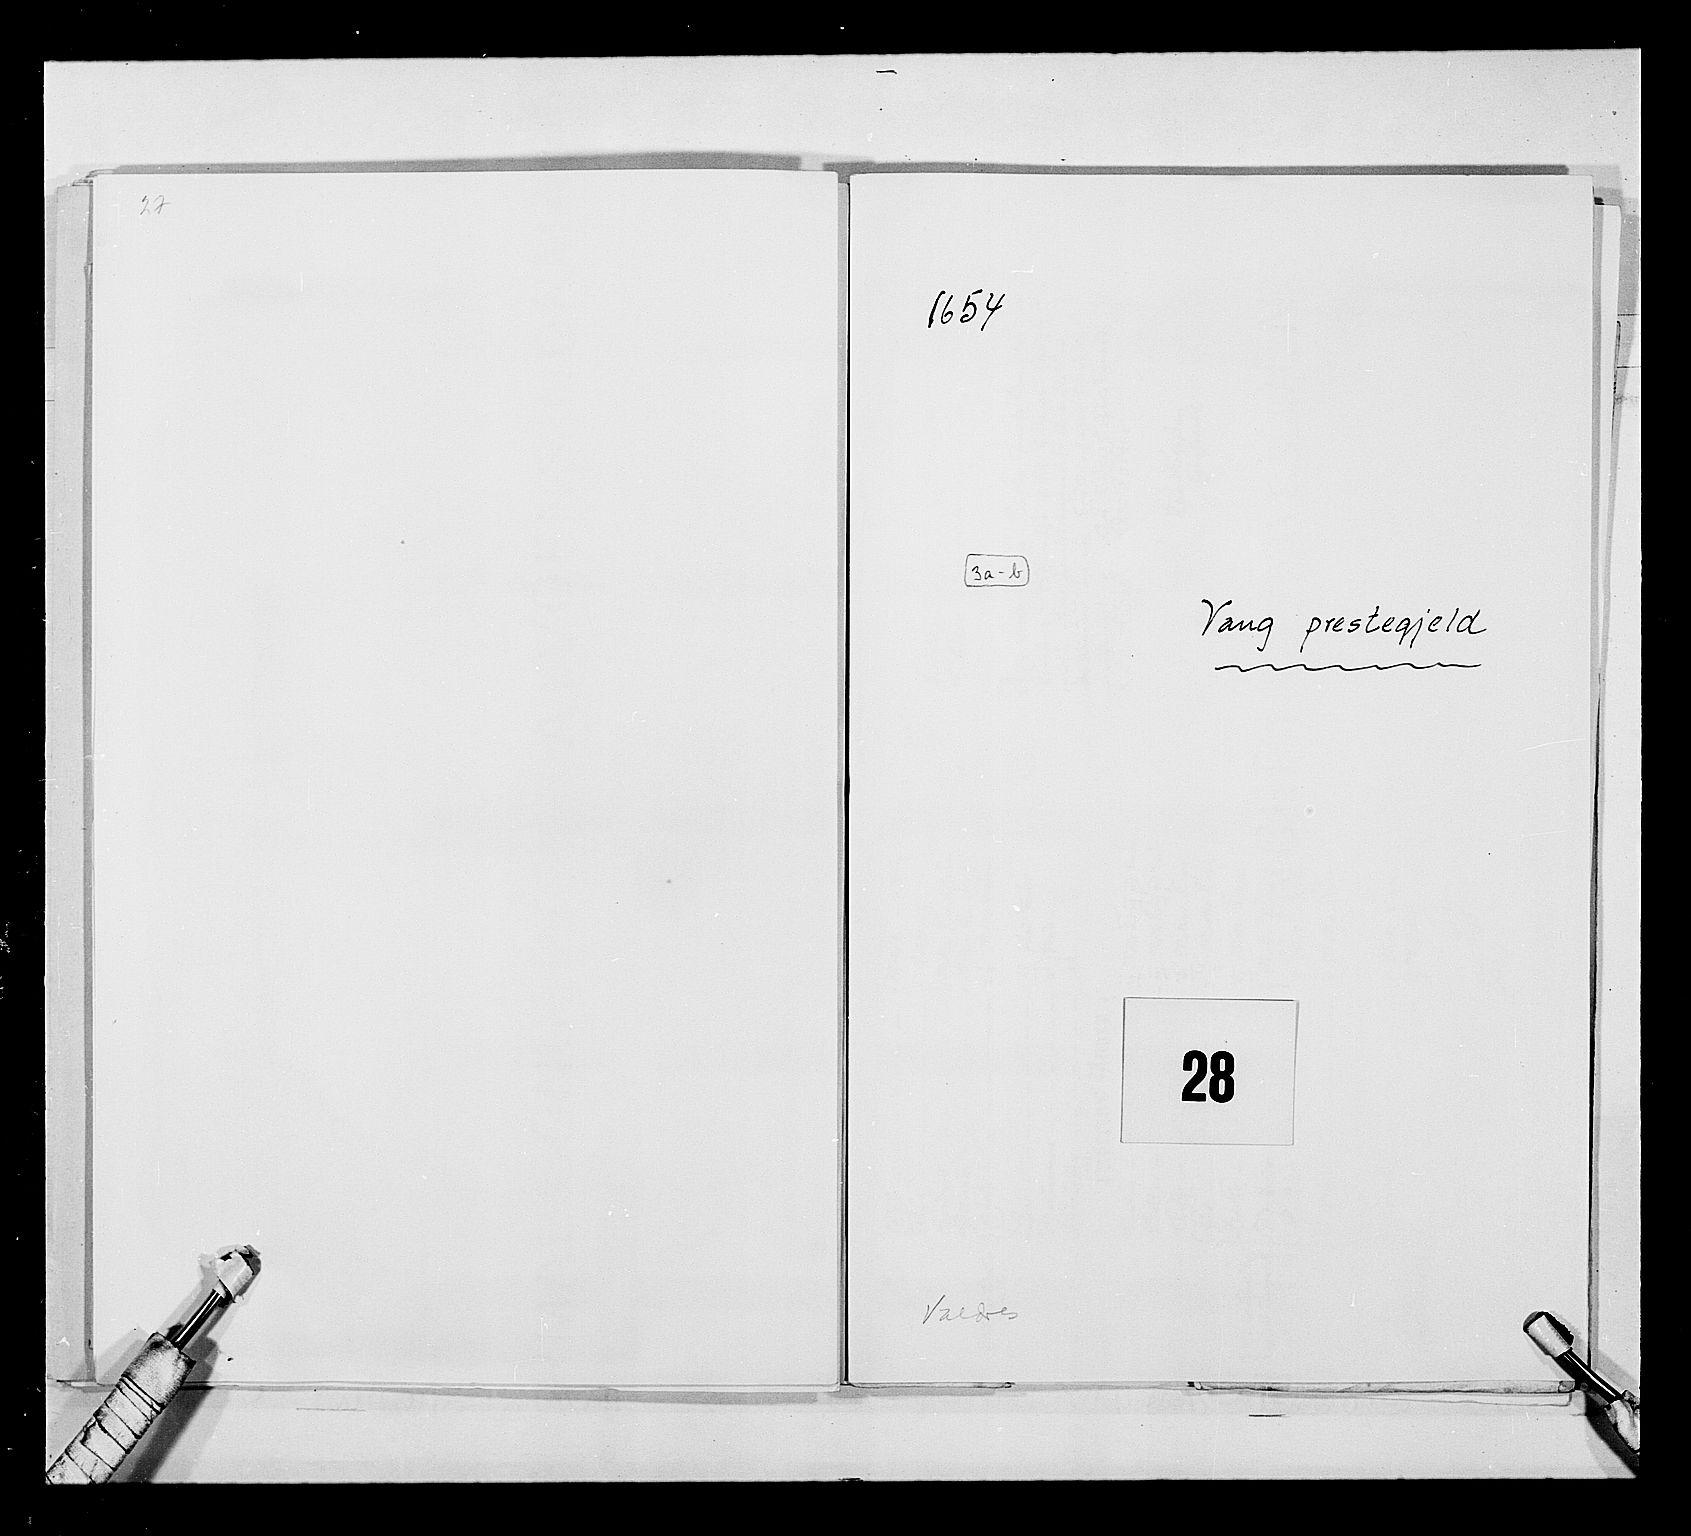 RA, Stattholderembetet 1572-1771, Ek/L0030: Jordebøker 1633-1658:, 1654, s. 116